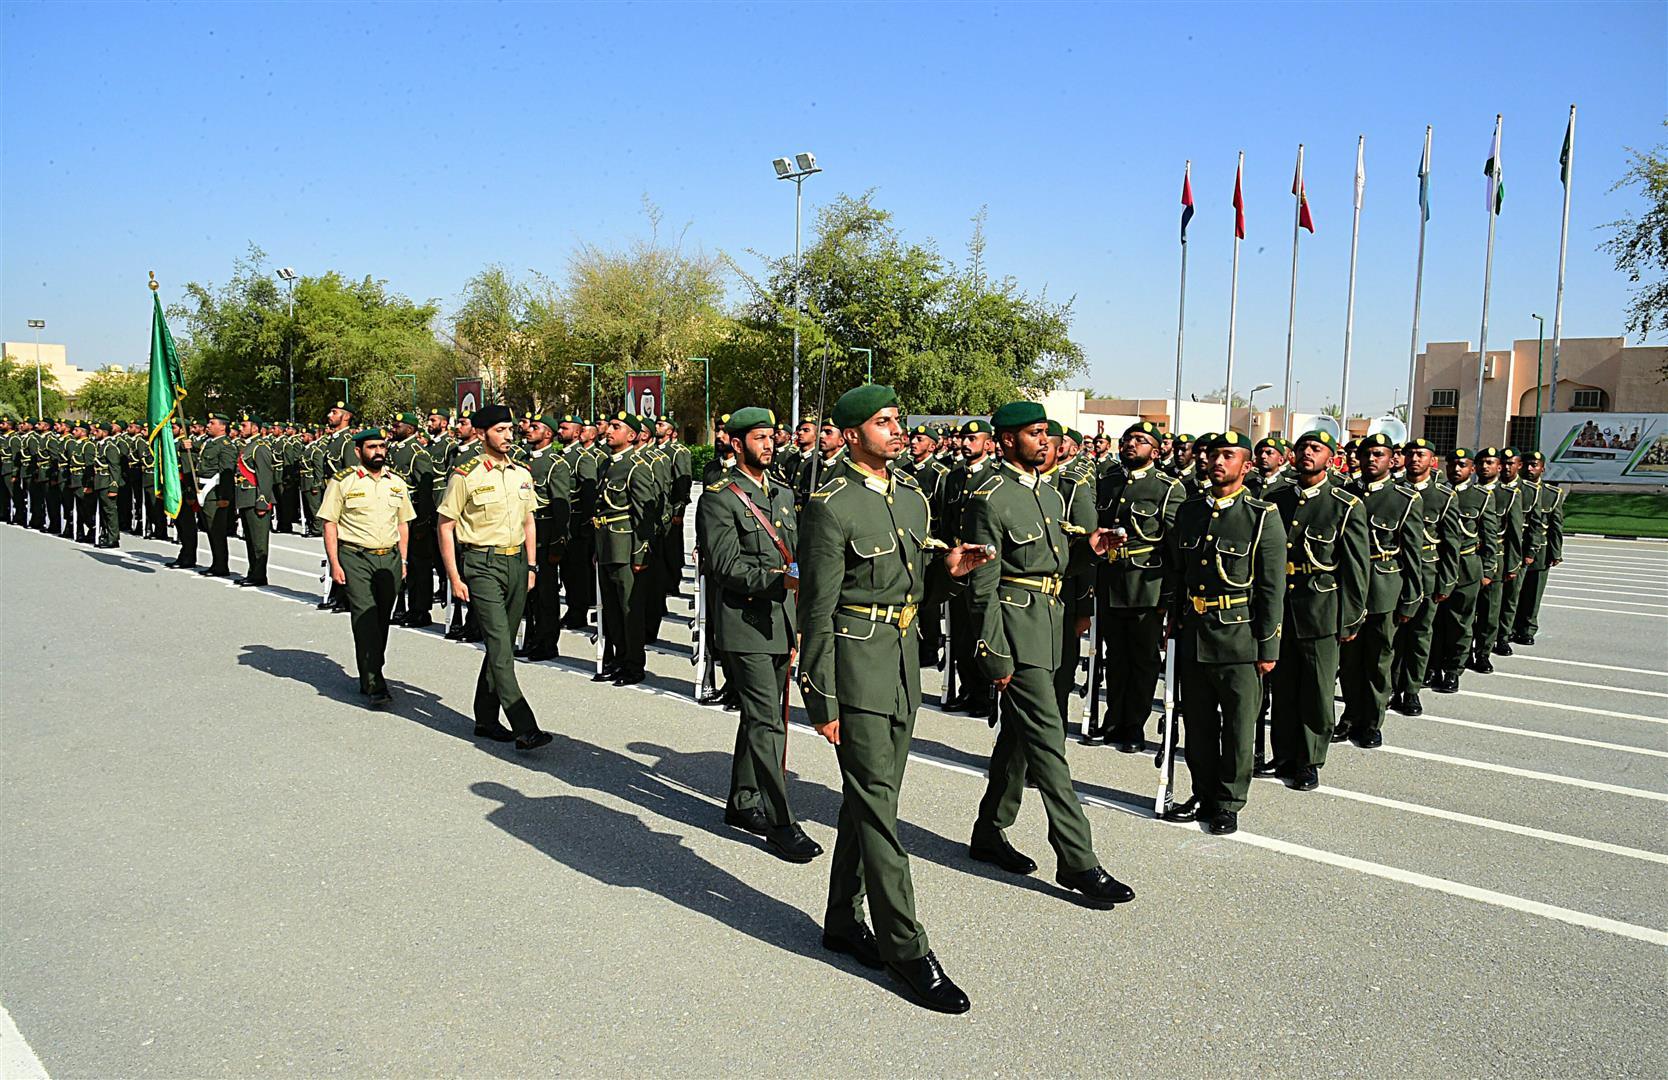 القوات المسلحة تحتفل بتخريج الدفعة 9 من منتسبي الخدمة الوطنية